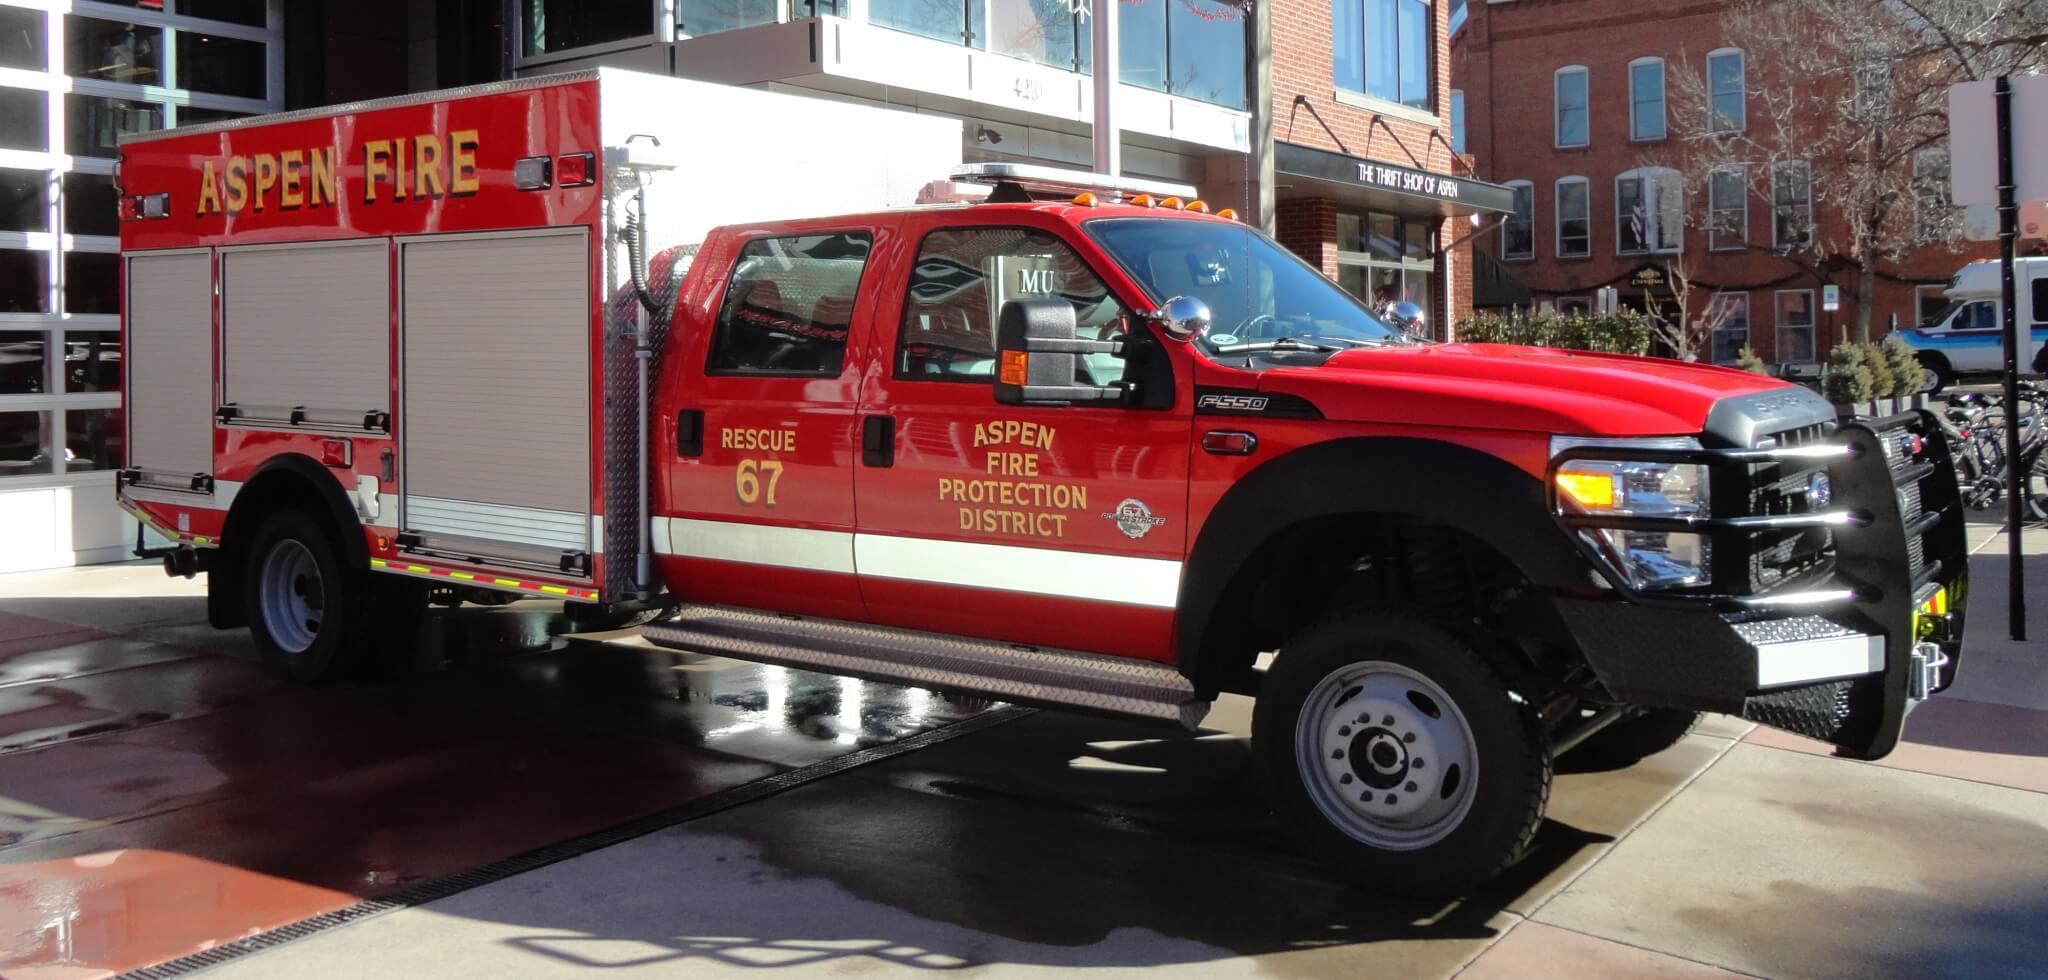 Aspen Fire Rescue 67